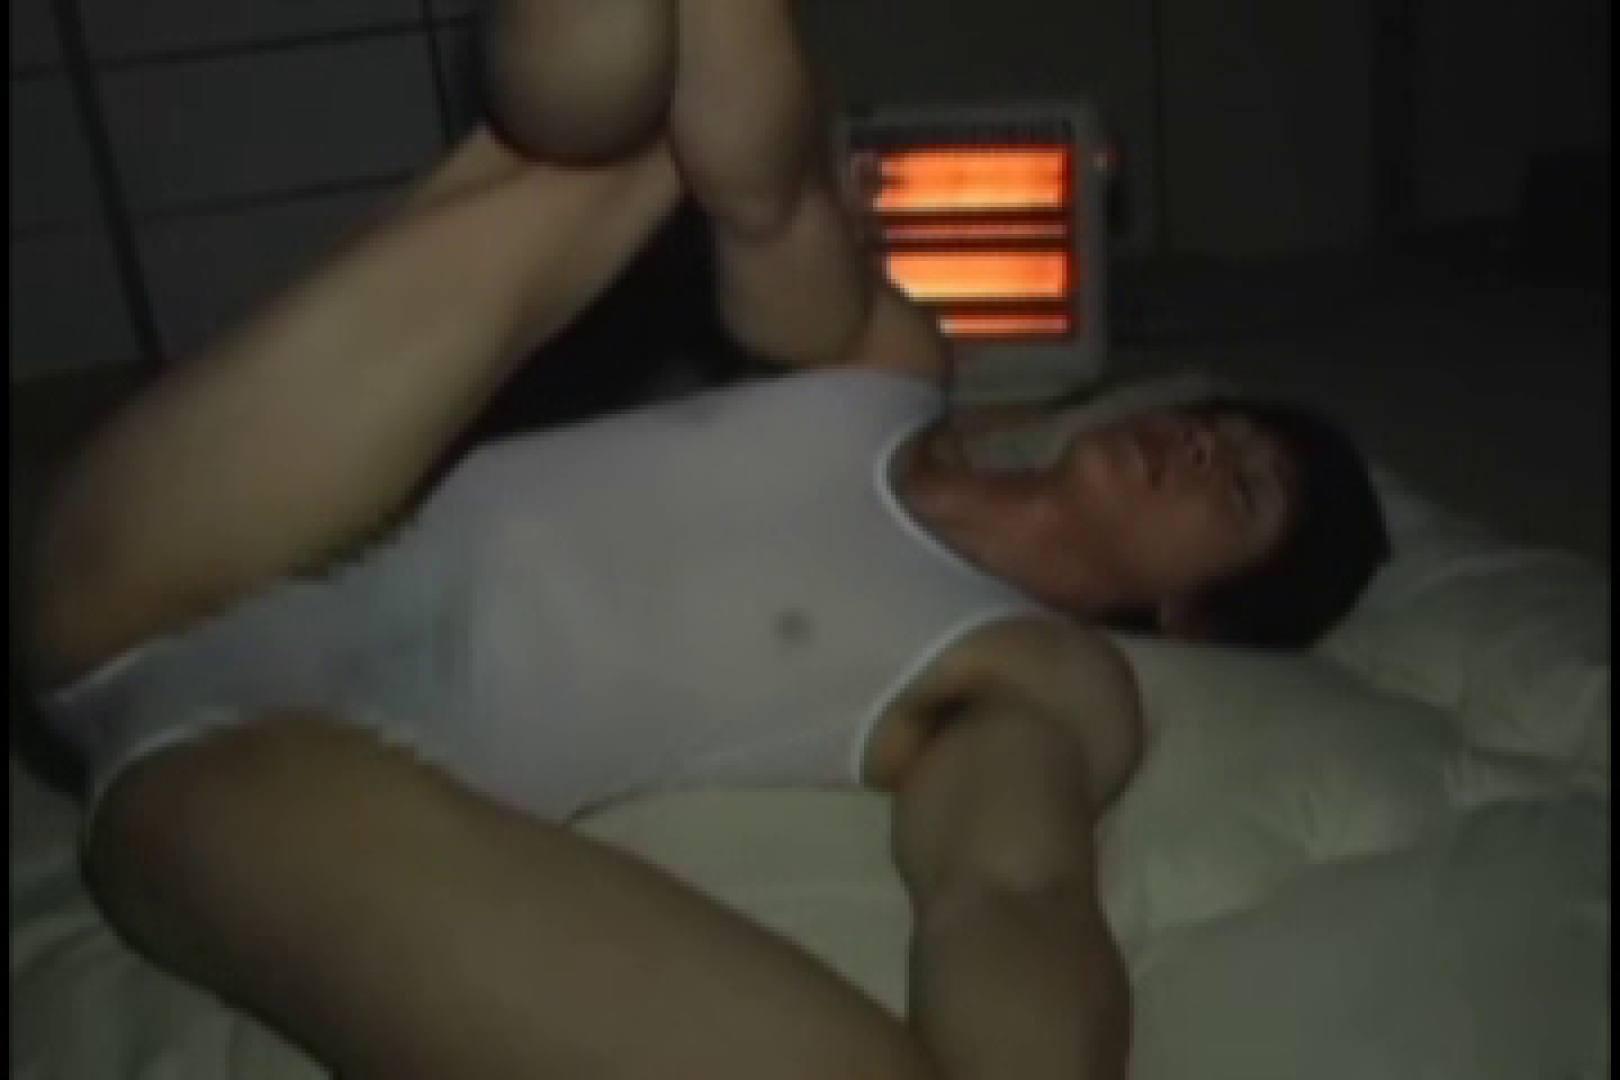 青年体操選手の脱ノンケvol.2 お尻の穴 男同士動画 65pic 13